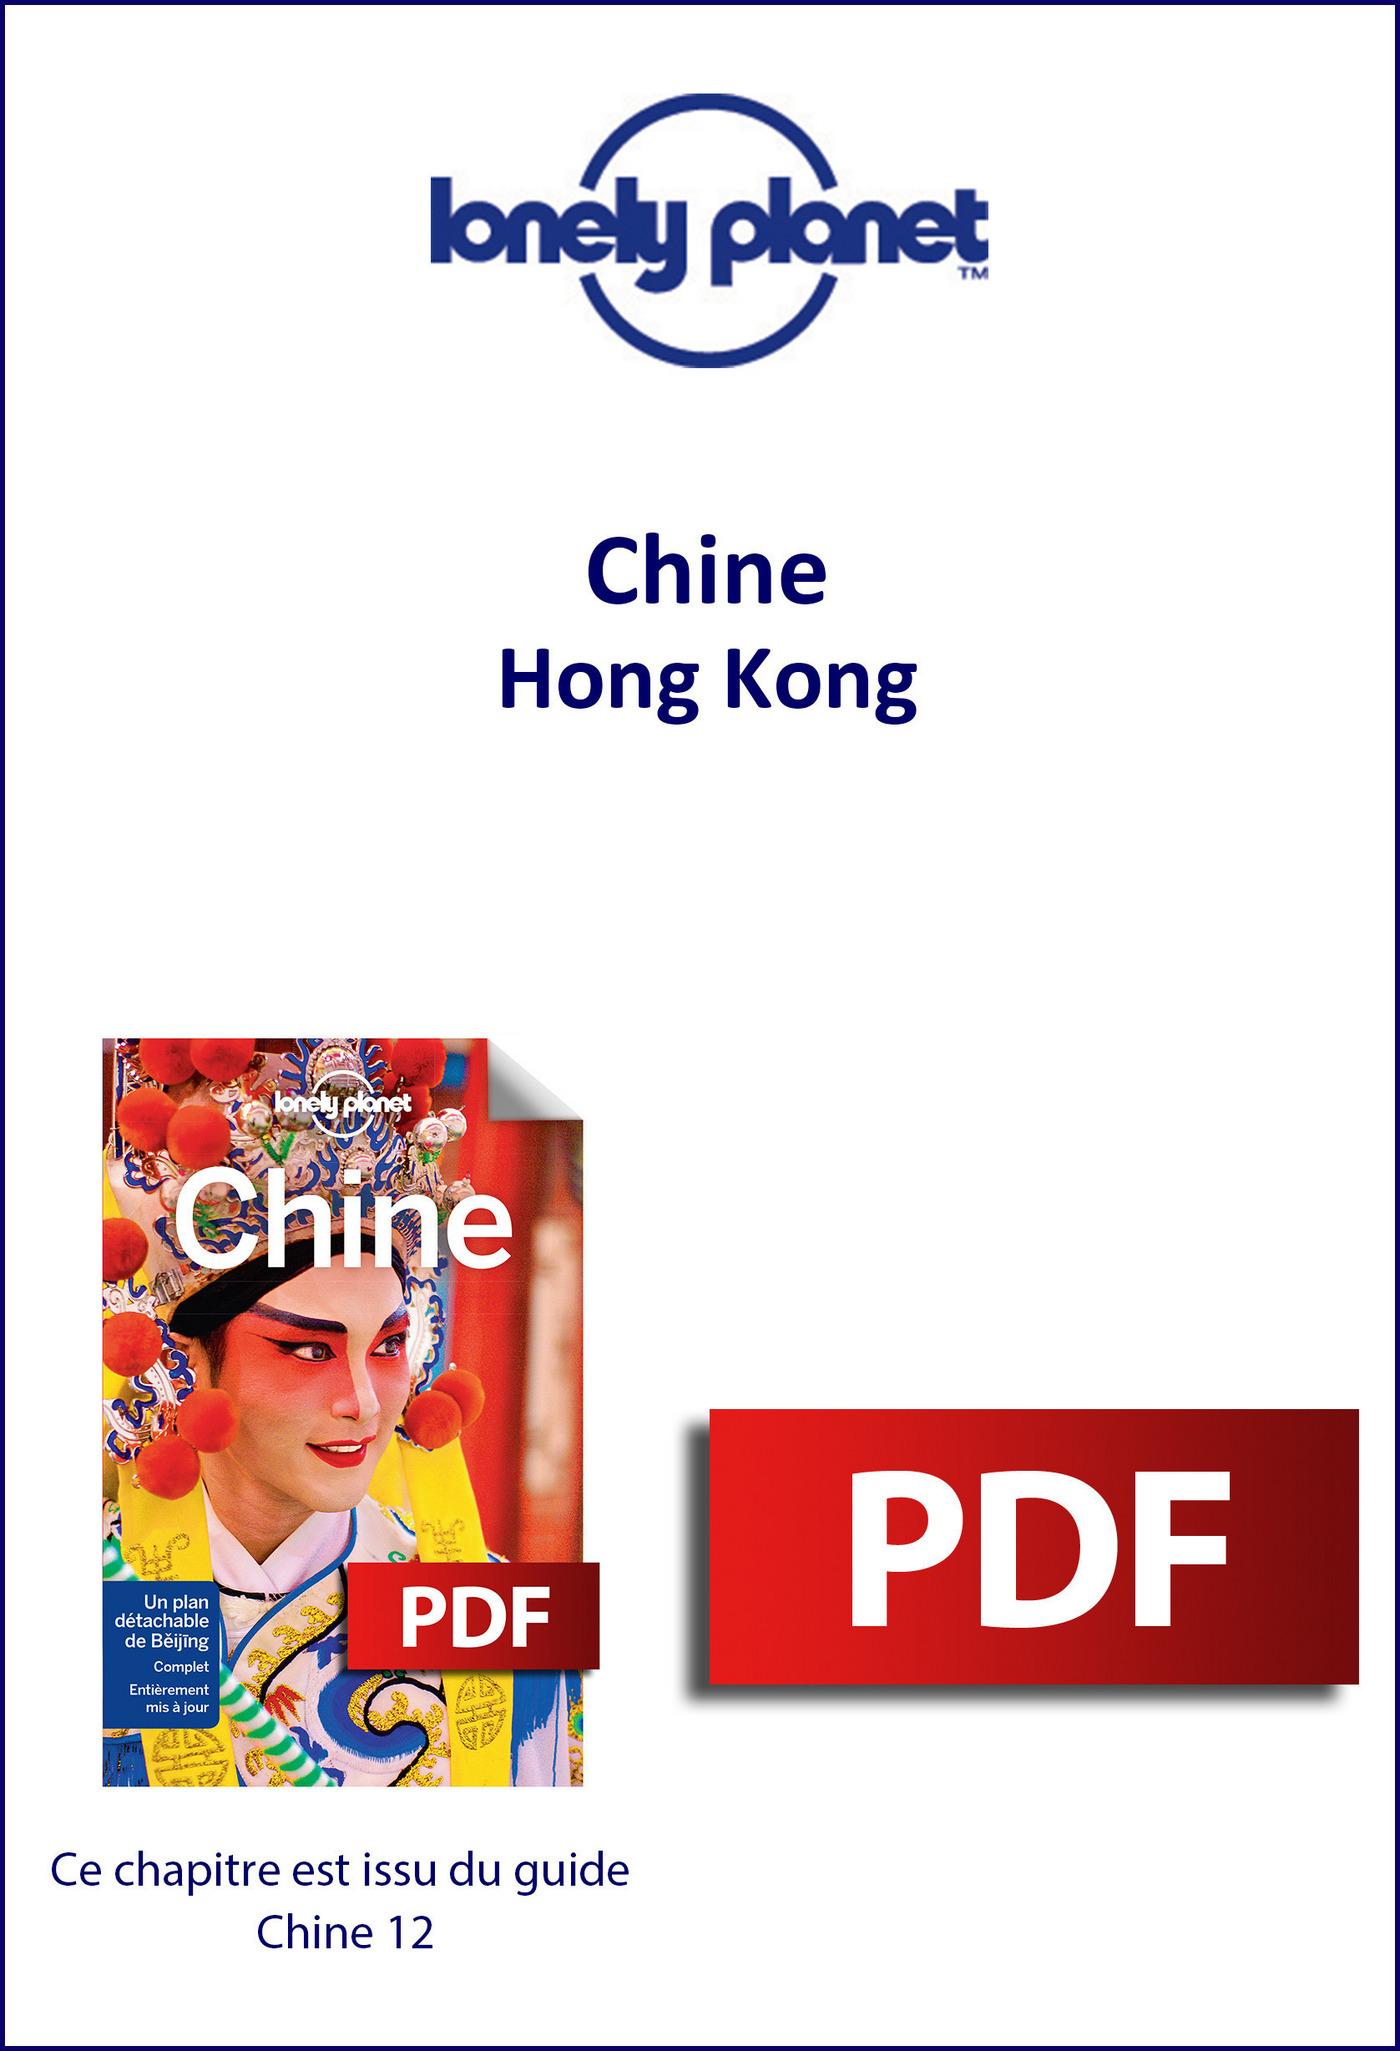 Chine - Hong Kong